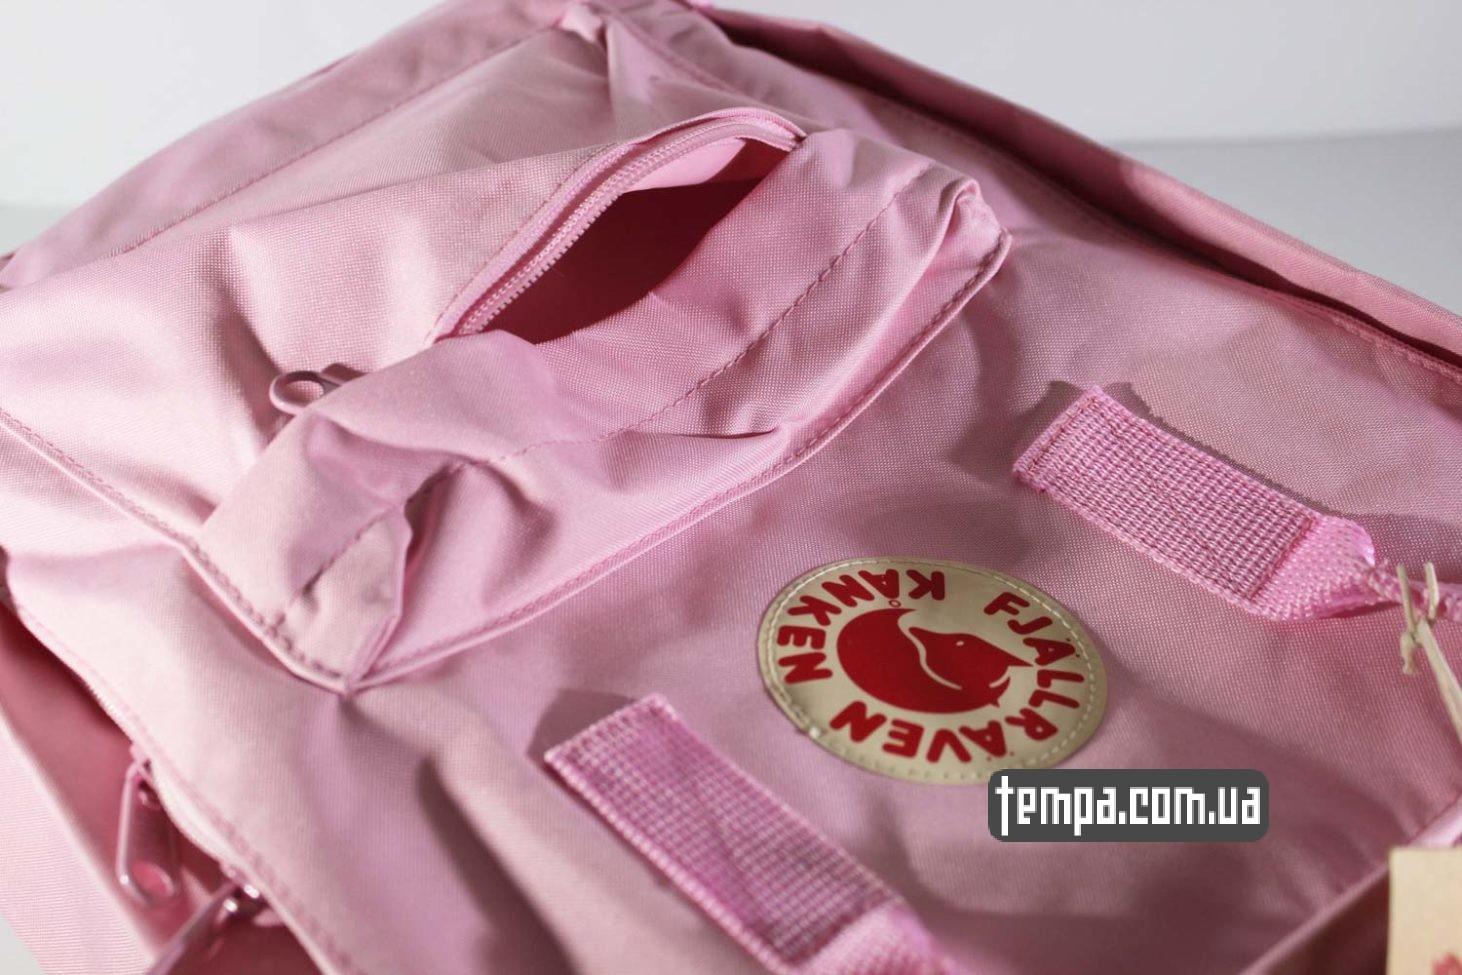 школьный рюкзак Kånken — Fjällräven розовый яркий купить Украина